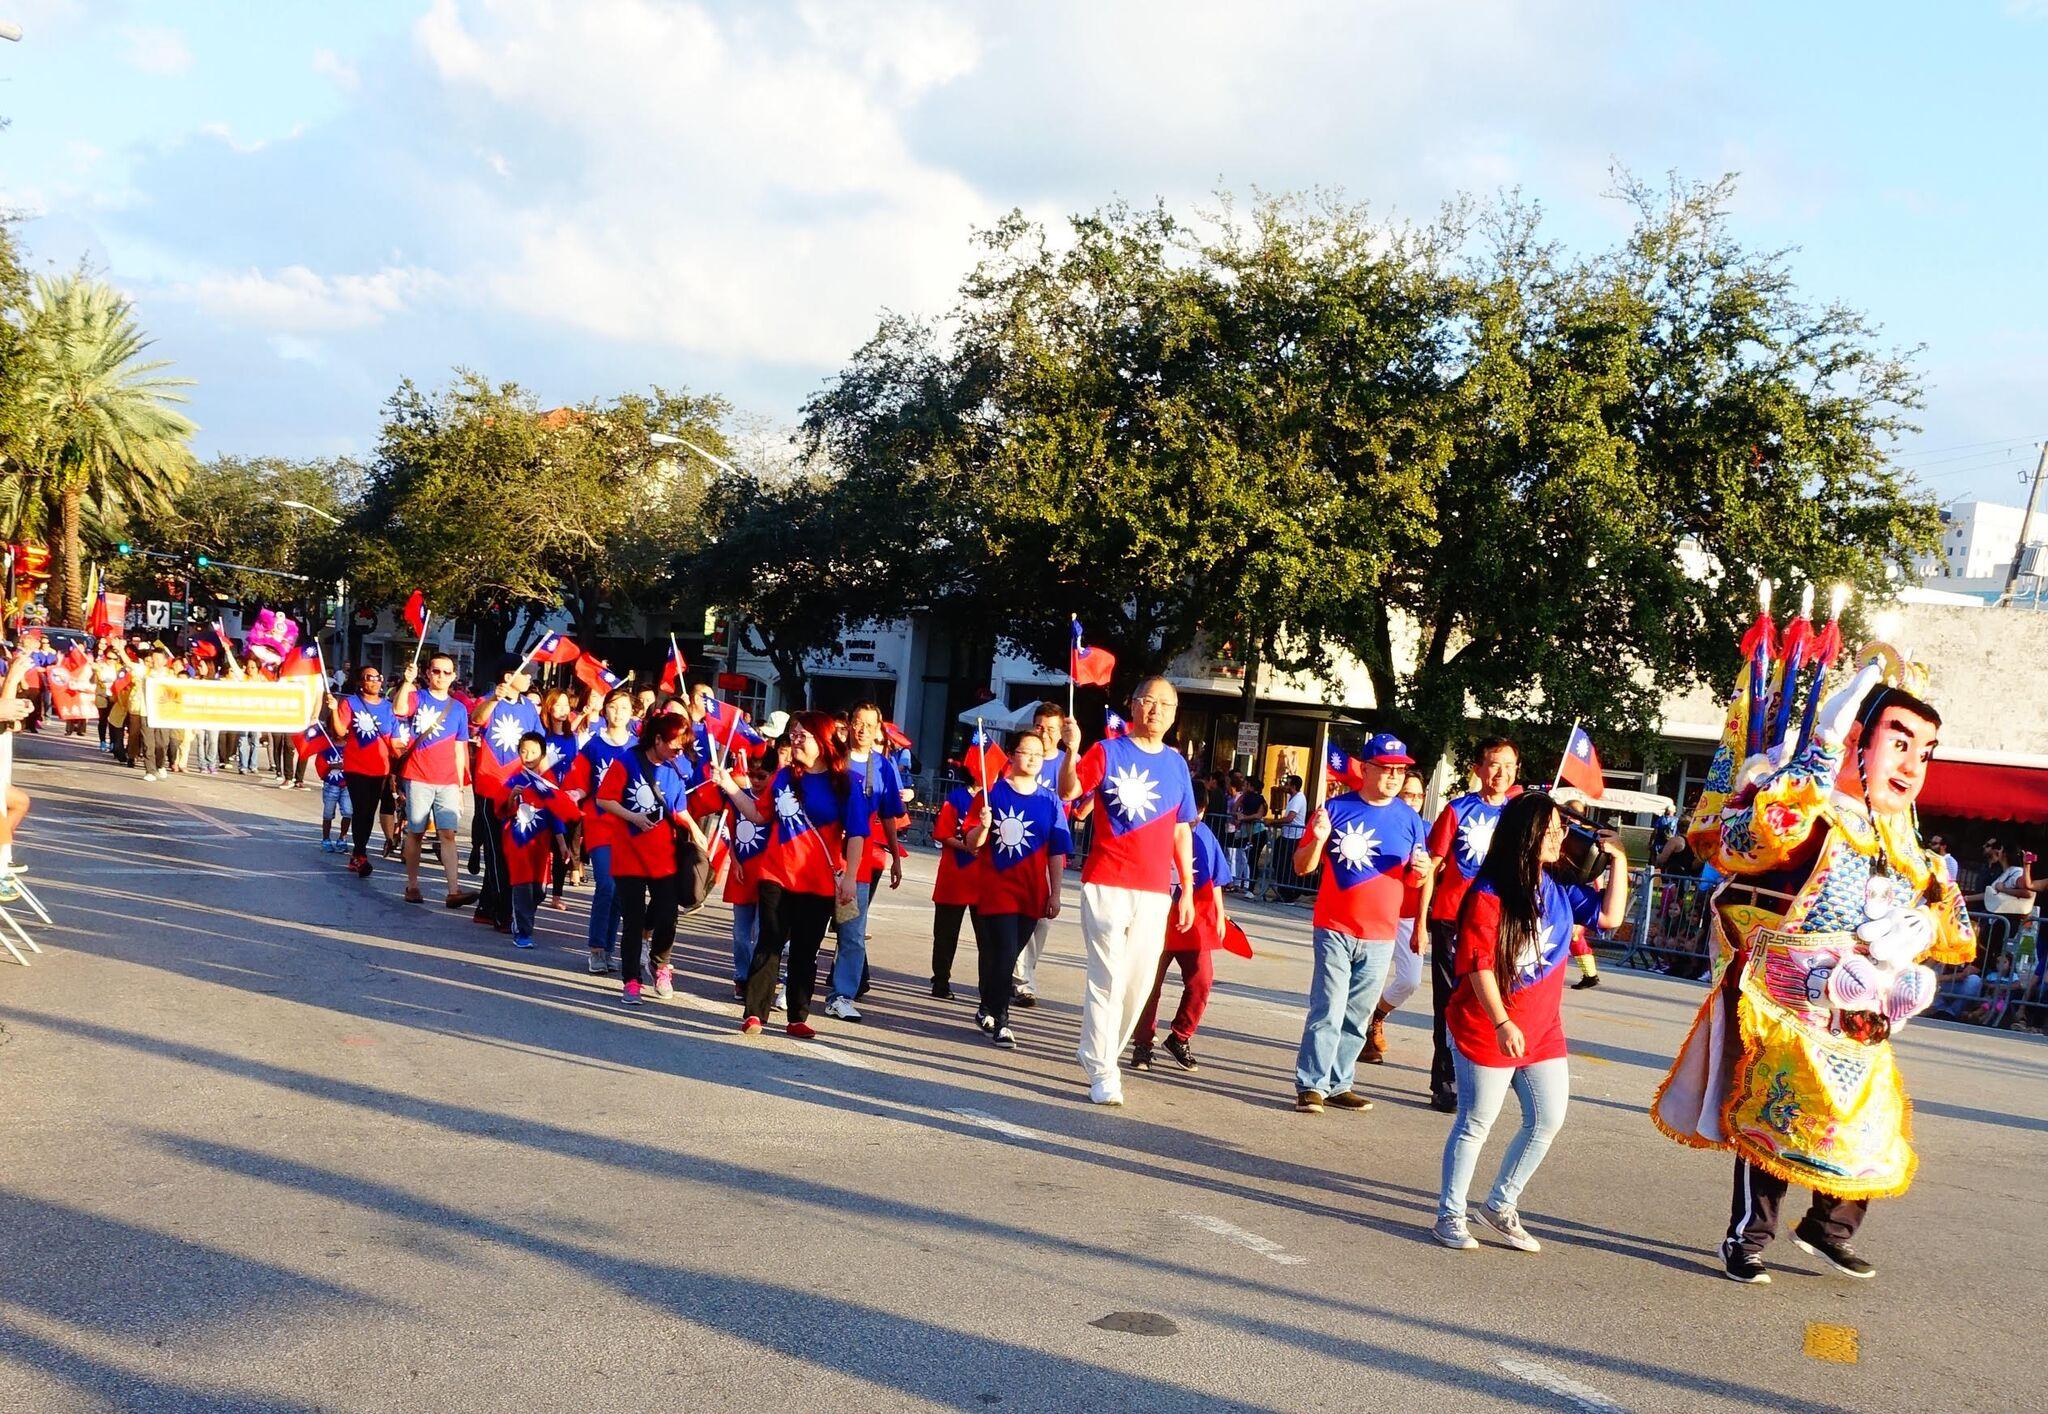 橘子杯大遊行華裔隊伍,三太子威風開路,中為駐邁經文處、其後為國際佛光會邁阿密協會隊伍。(孫博先提供)